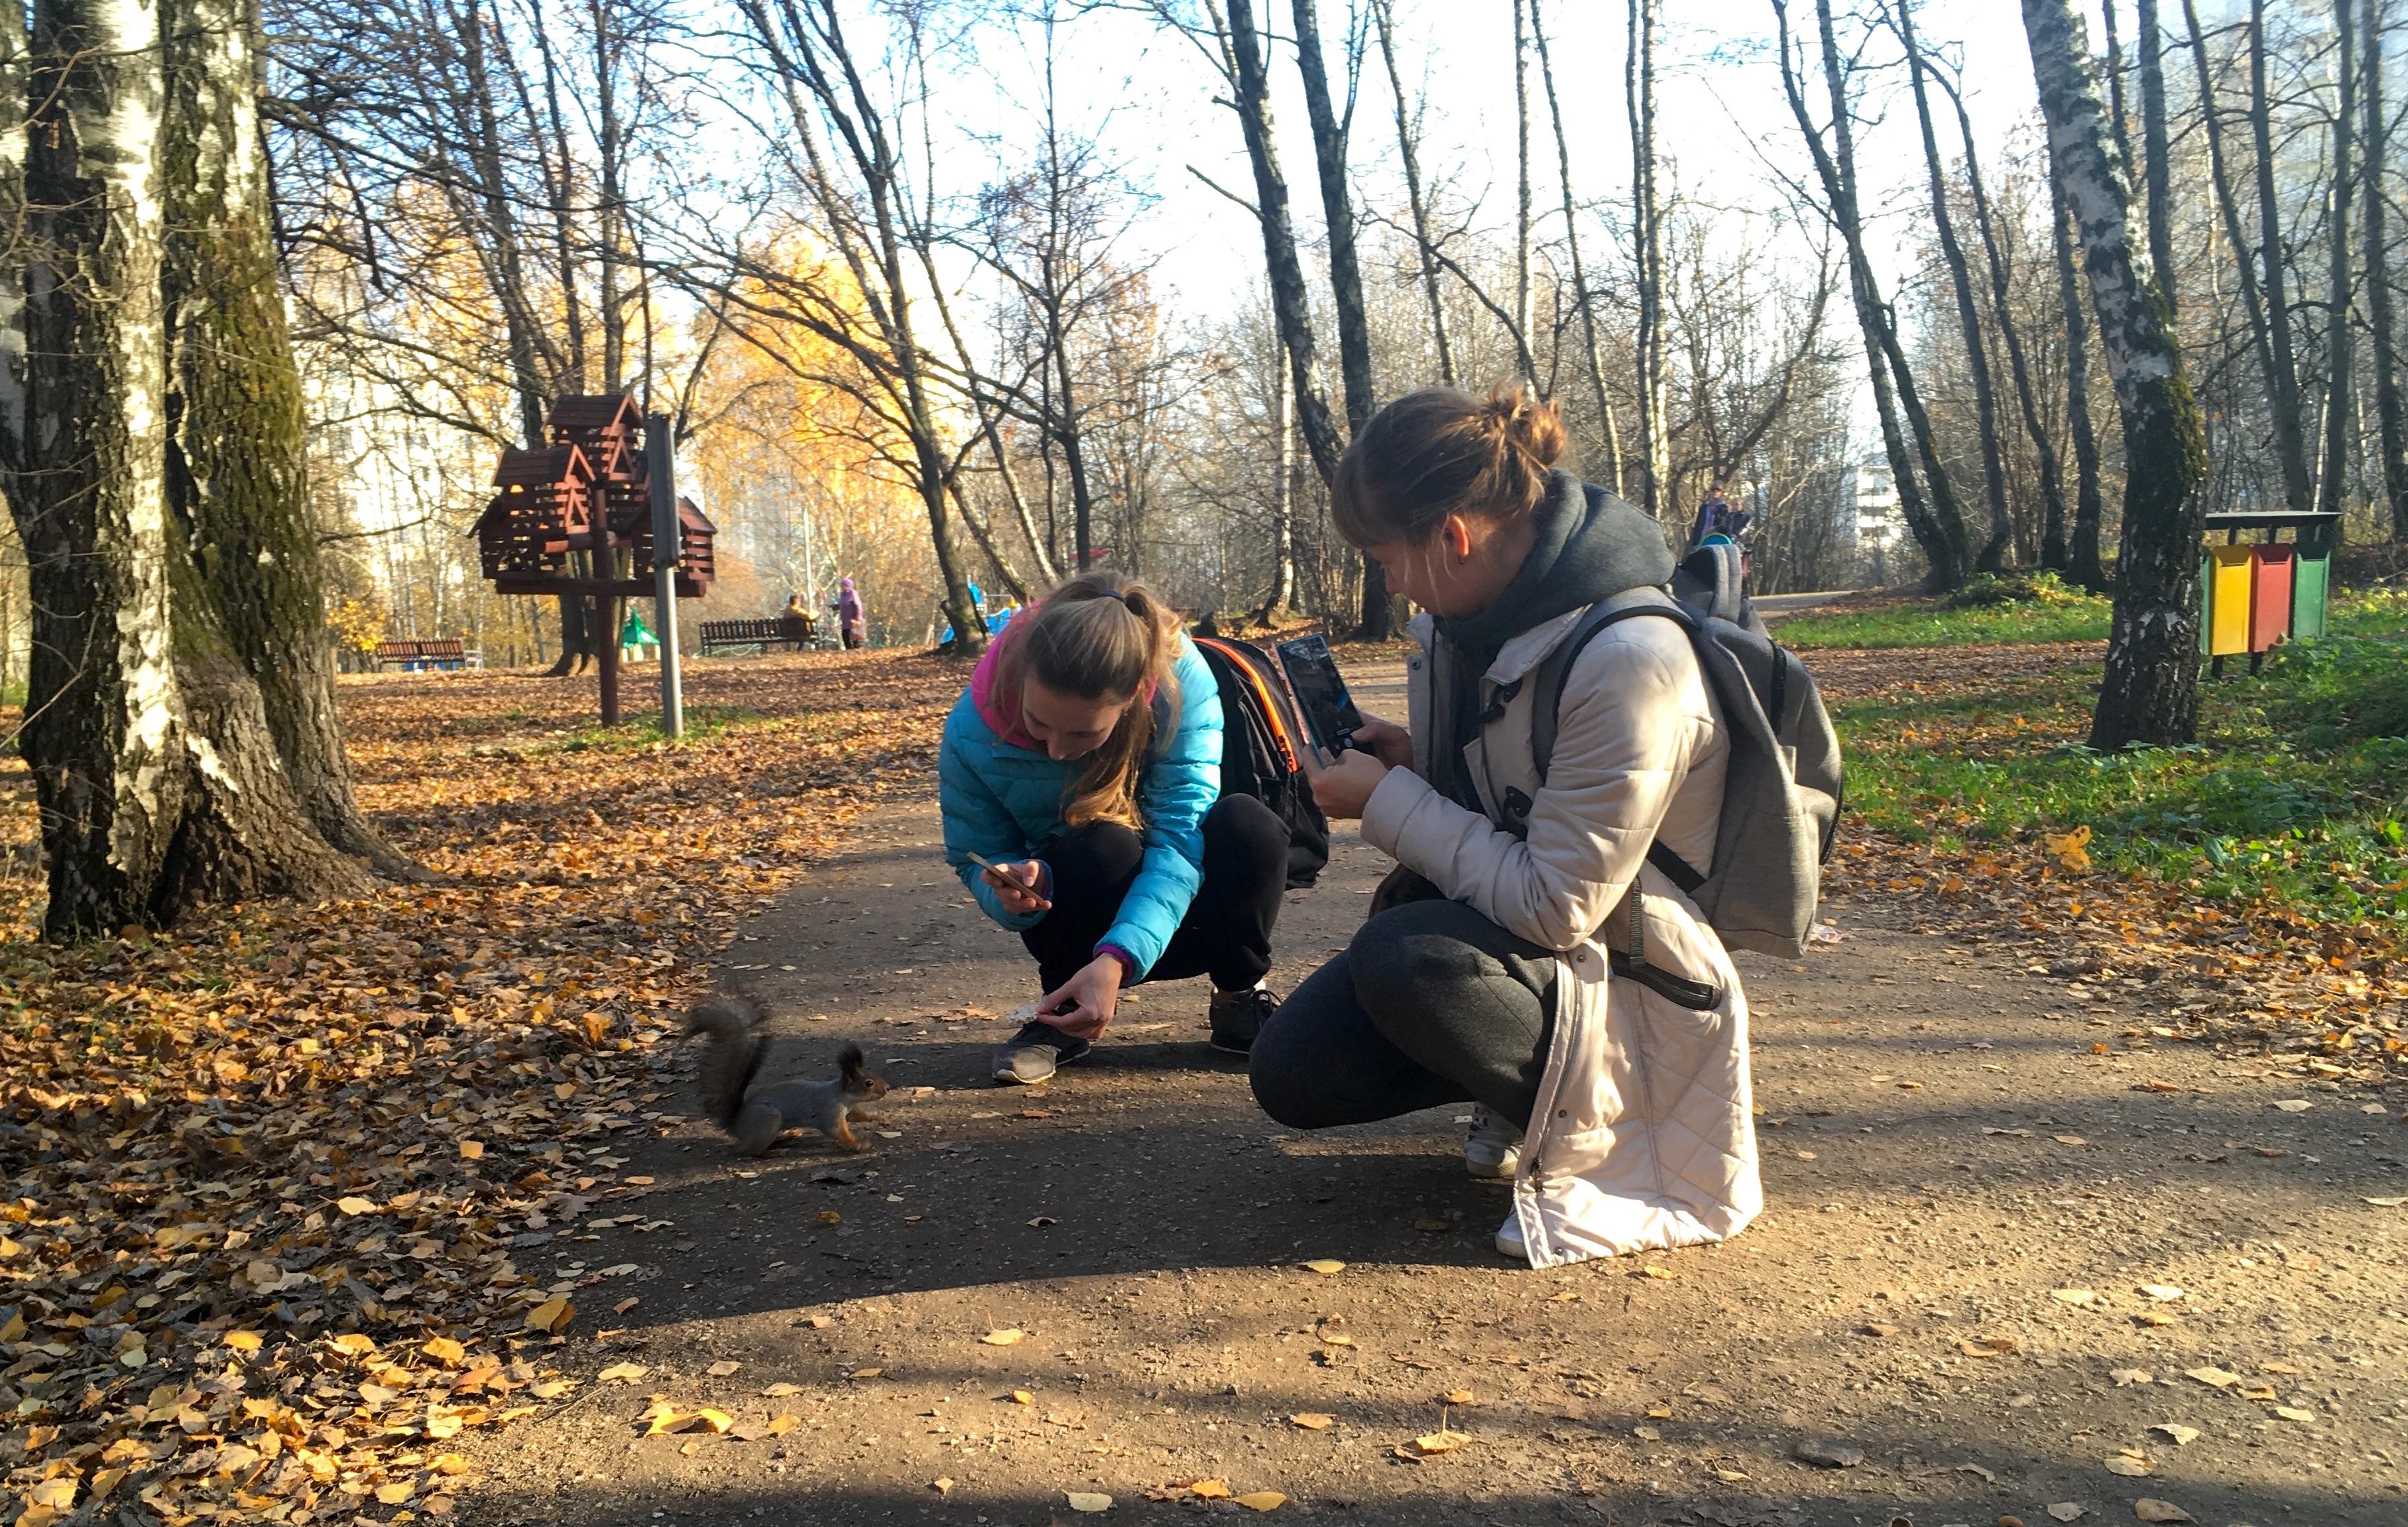 Народный корреспондент запечатлела знакомство белки с гостями «Битцевского леса»